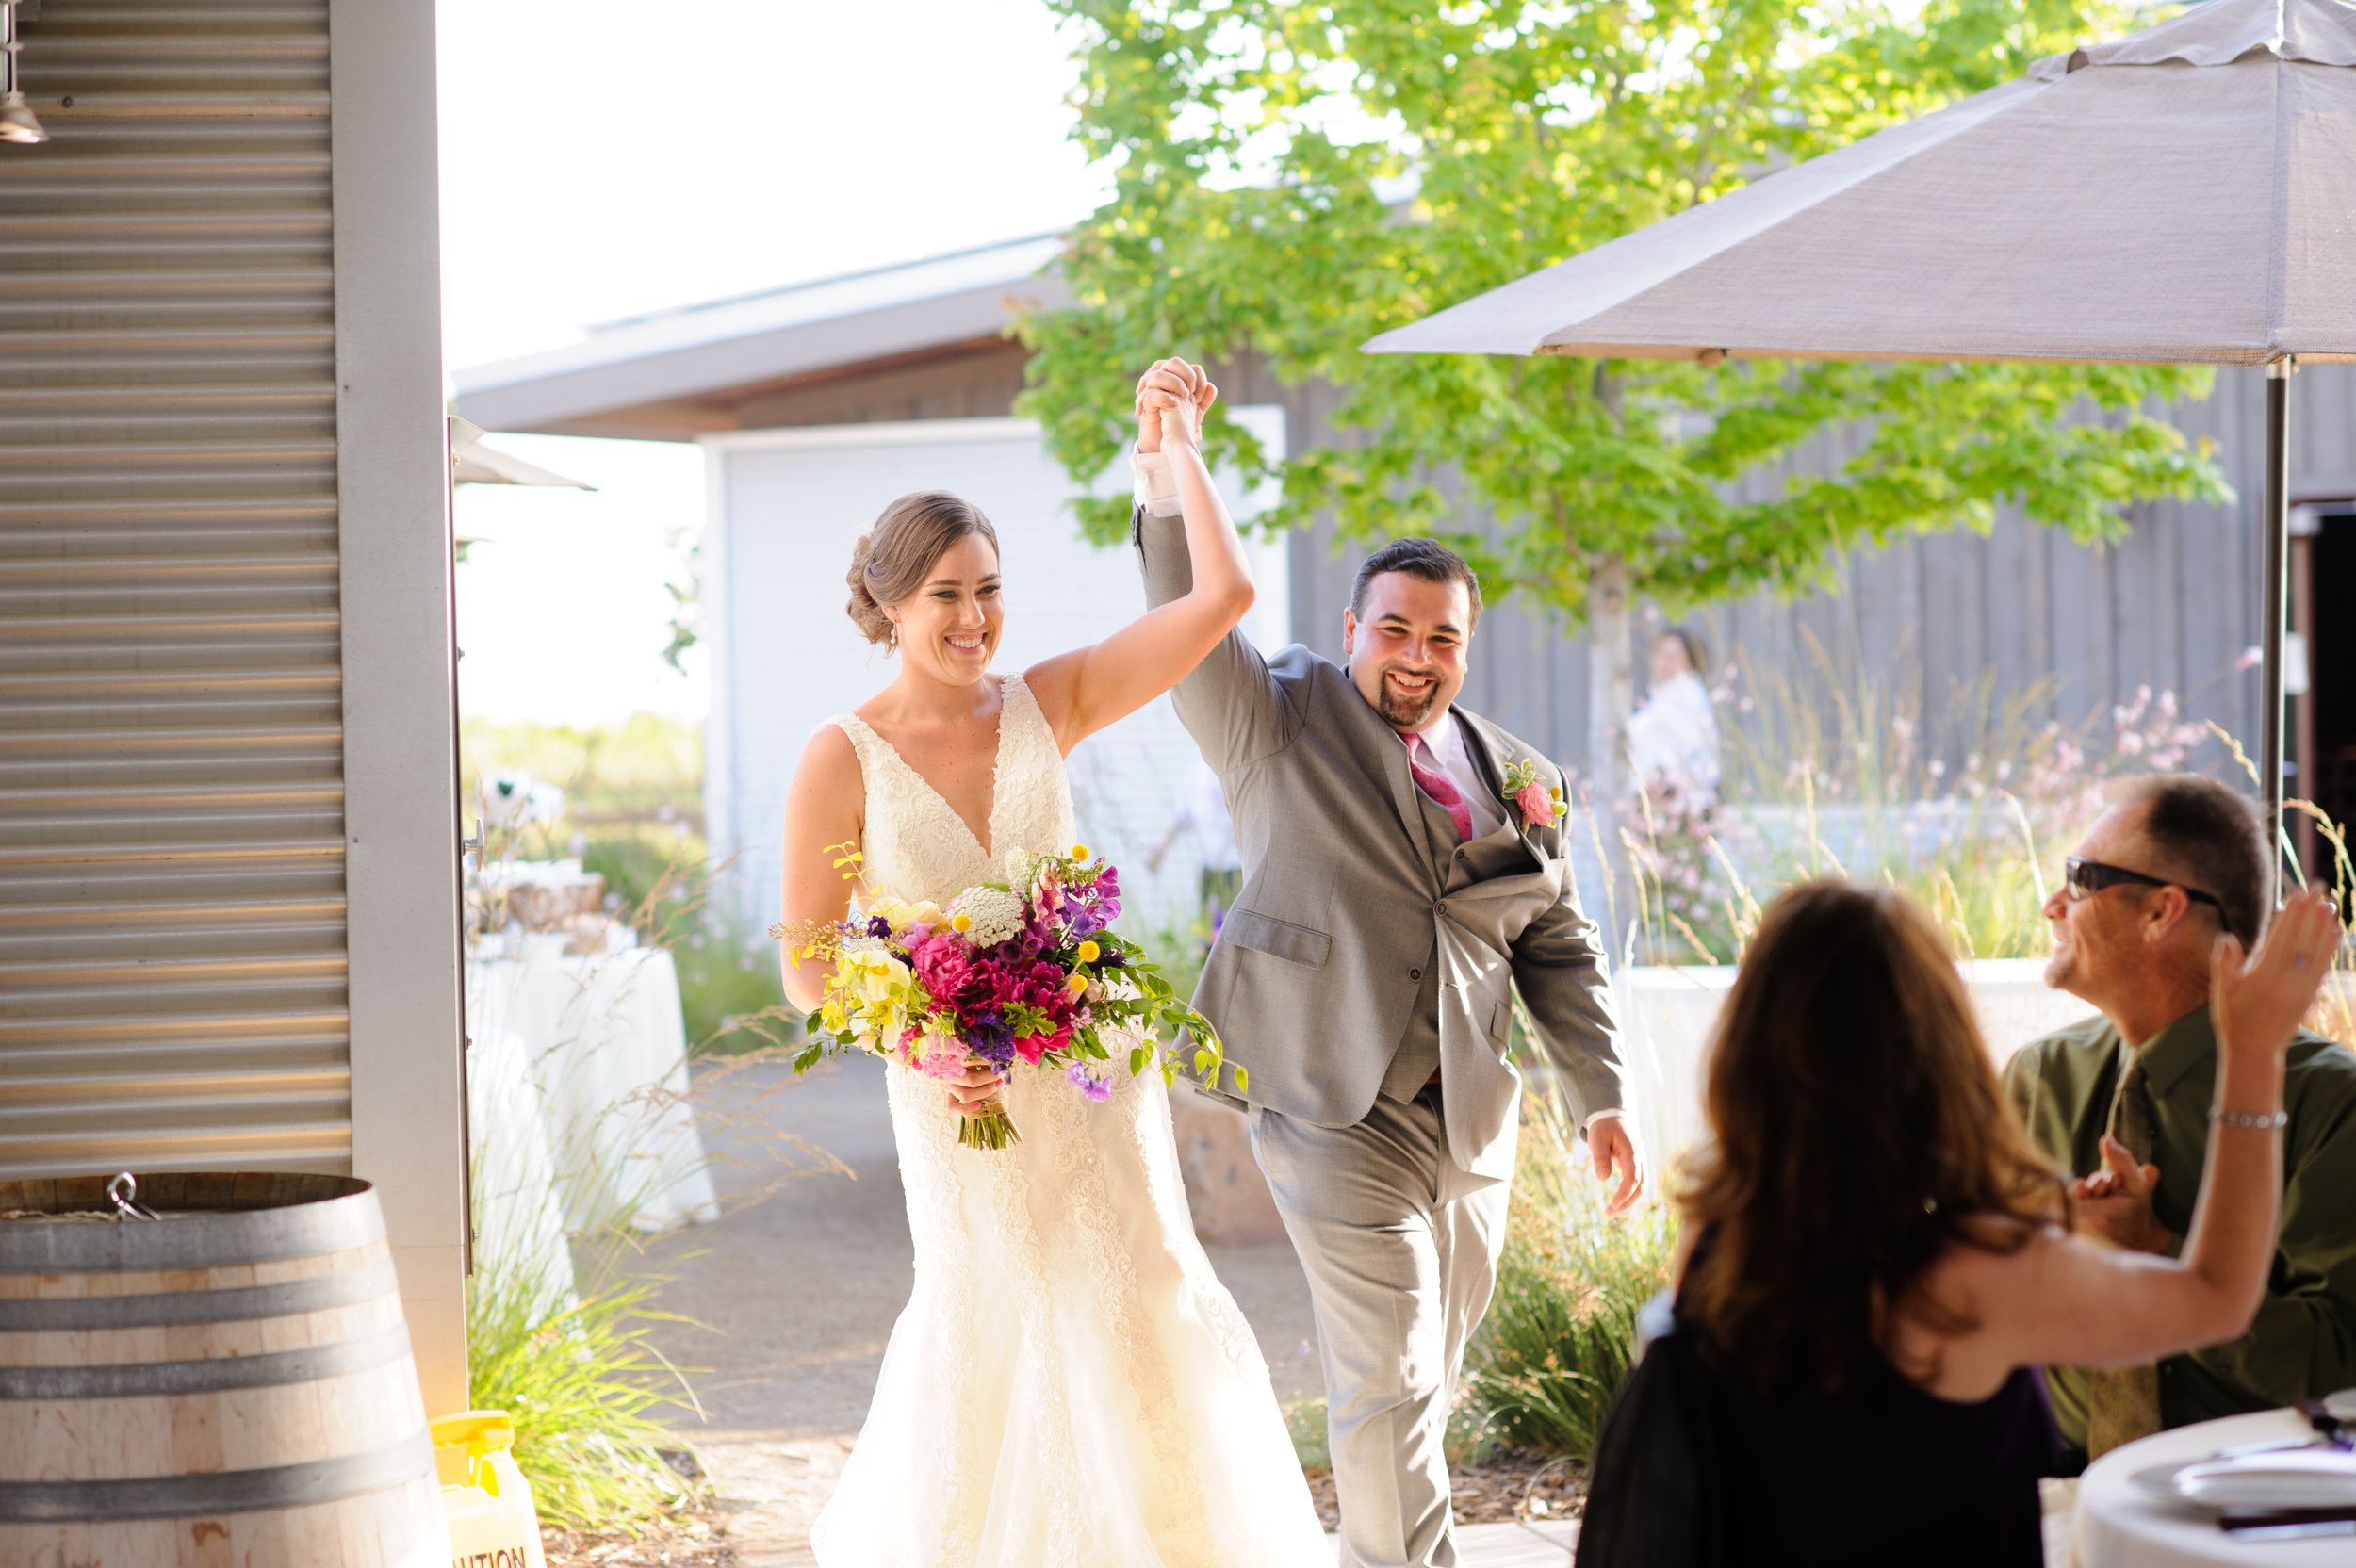 casey-sasha-032-helwig-winery-plymouth-wedding-photographer-katherine-nicole-photography.JPG